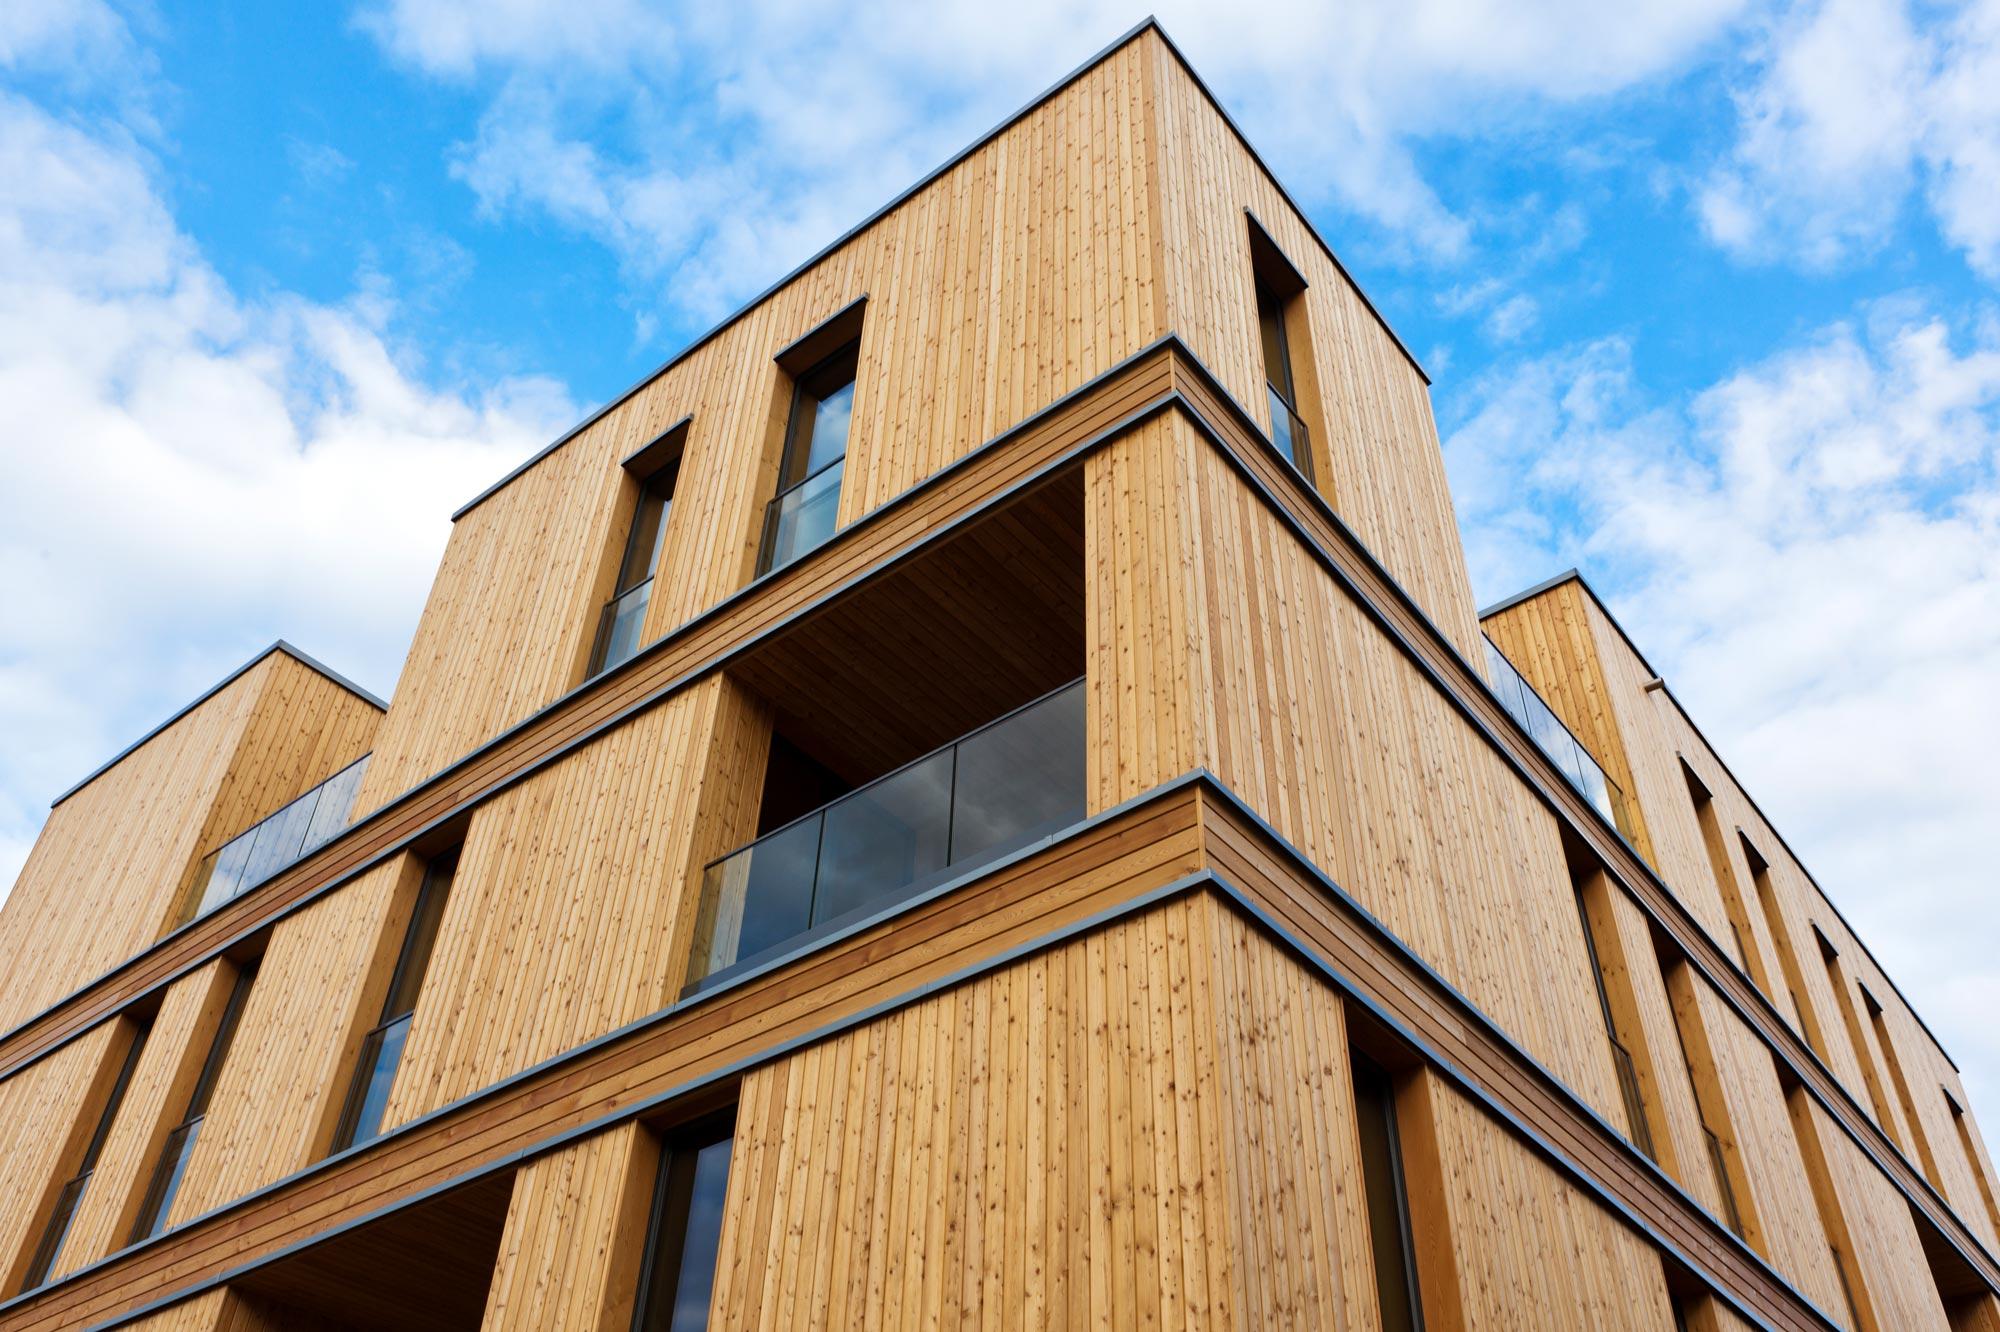 Modernes Gebäude mit Holzfassade